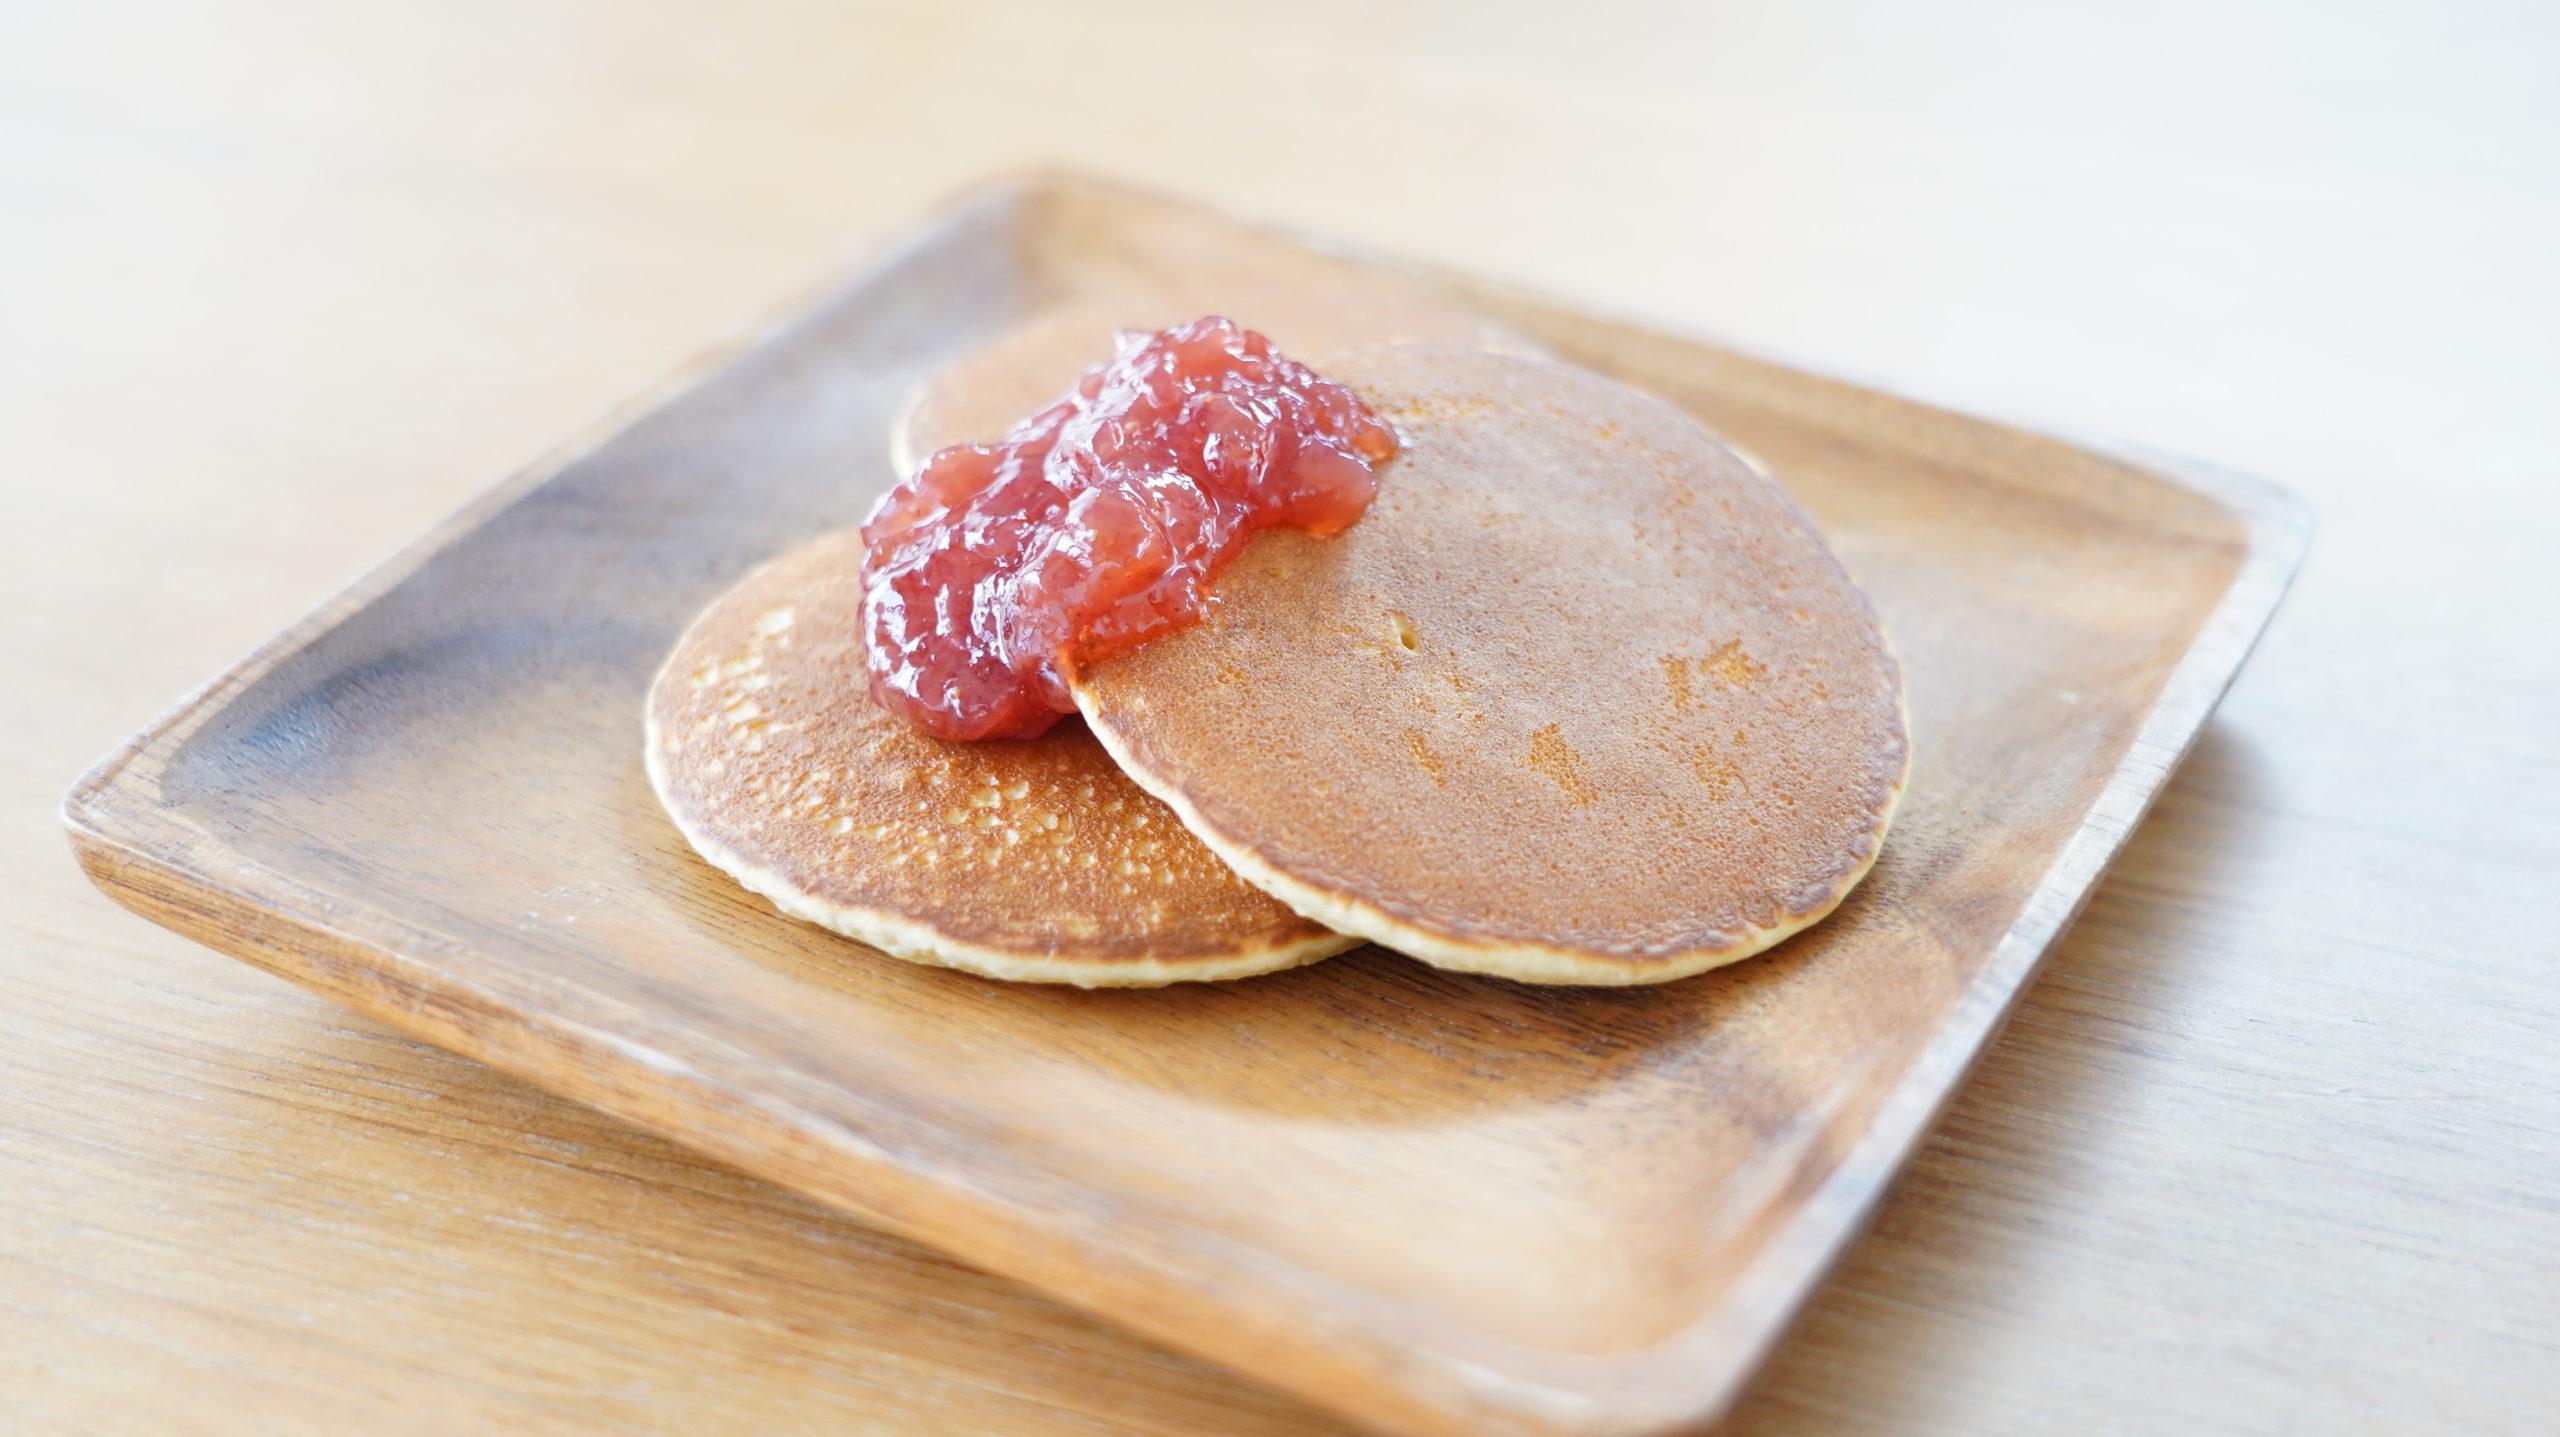 ピカールのおすすめ冷凍食品「パンケーキ」にジャムをかけた写真